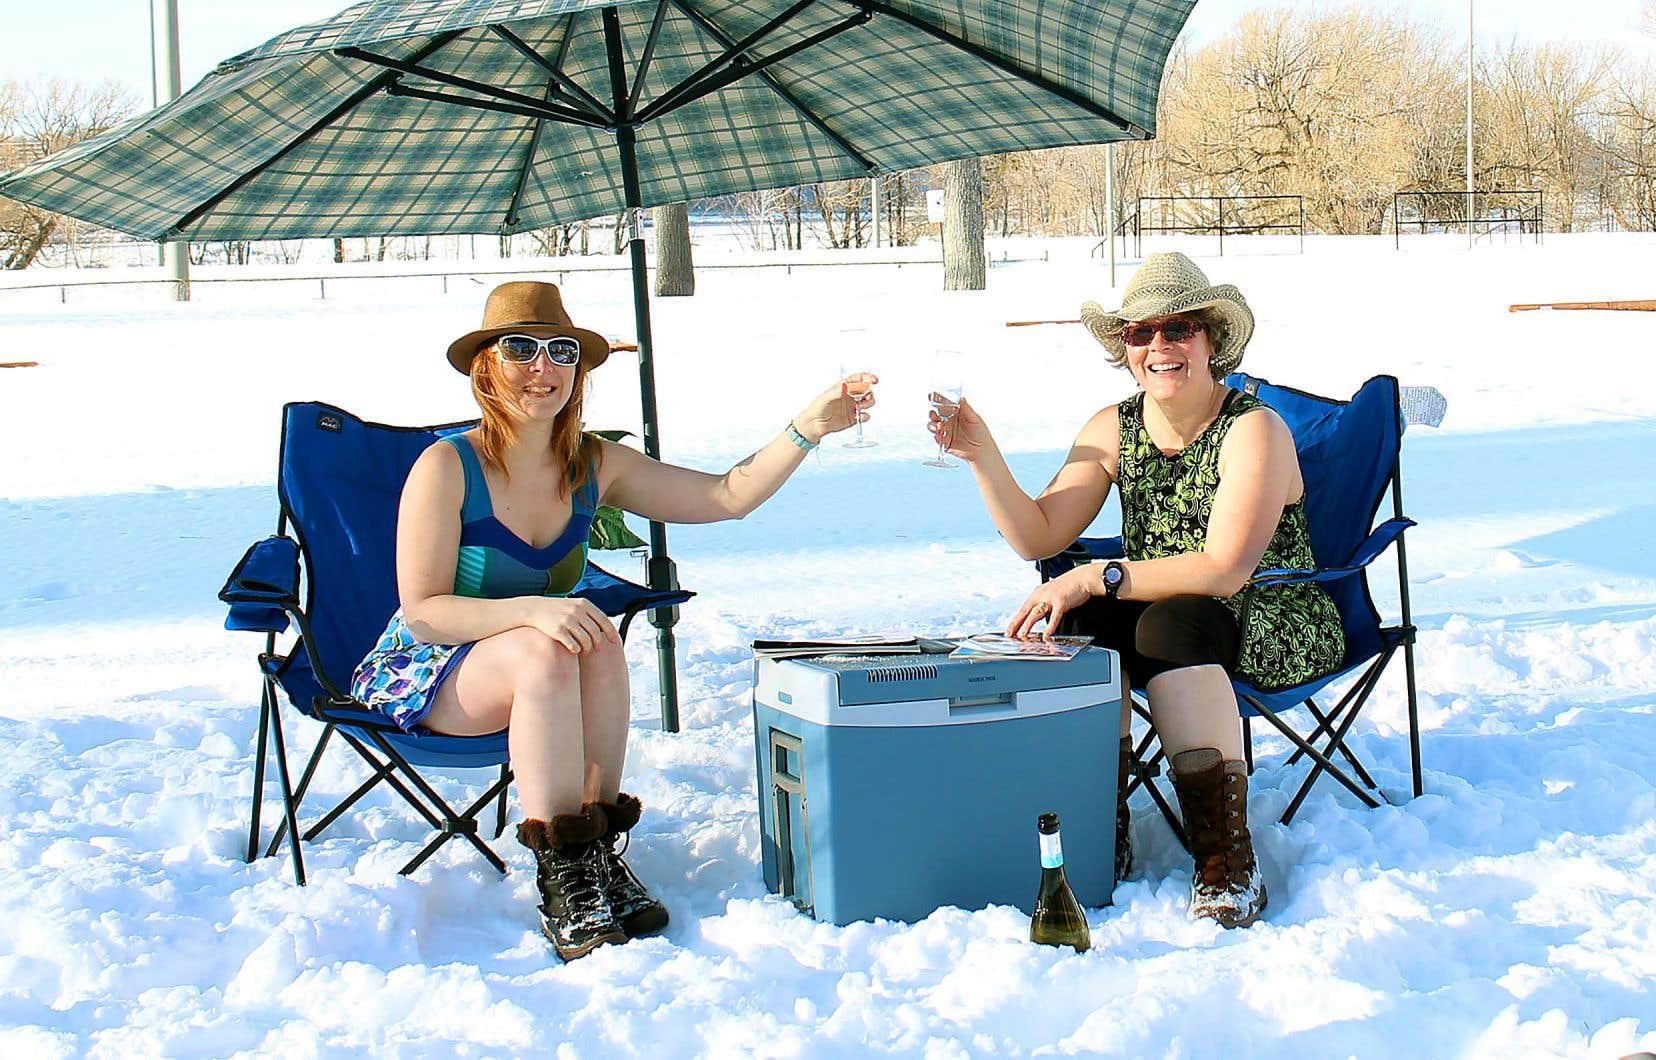 Les sœurs Irène et Marielle Lumineau, expats françaises savourant un printemps précoce dans leur patrie d'adoption. L'adjectif «maudites» ne les devance plus.